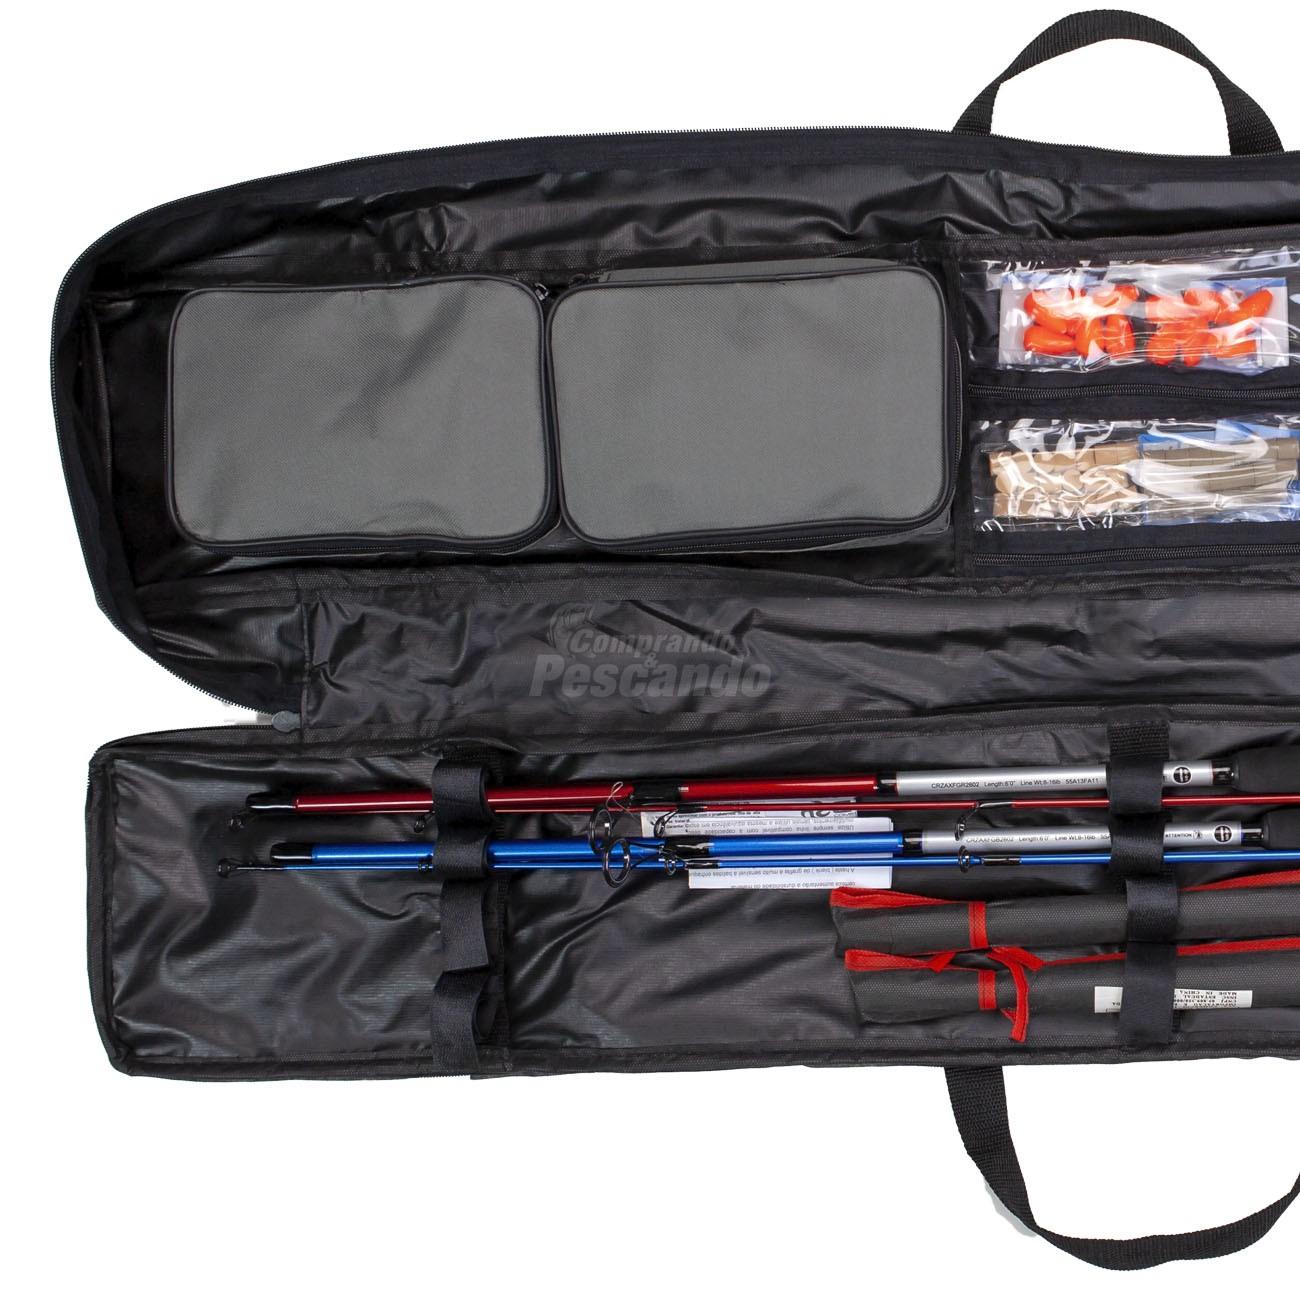 Bolsa Estojo Luxo para Varas e Acessórios 1,30m  - Comprando & Pescando